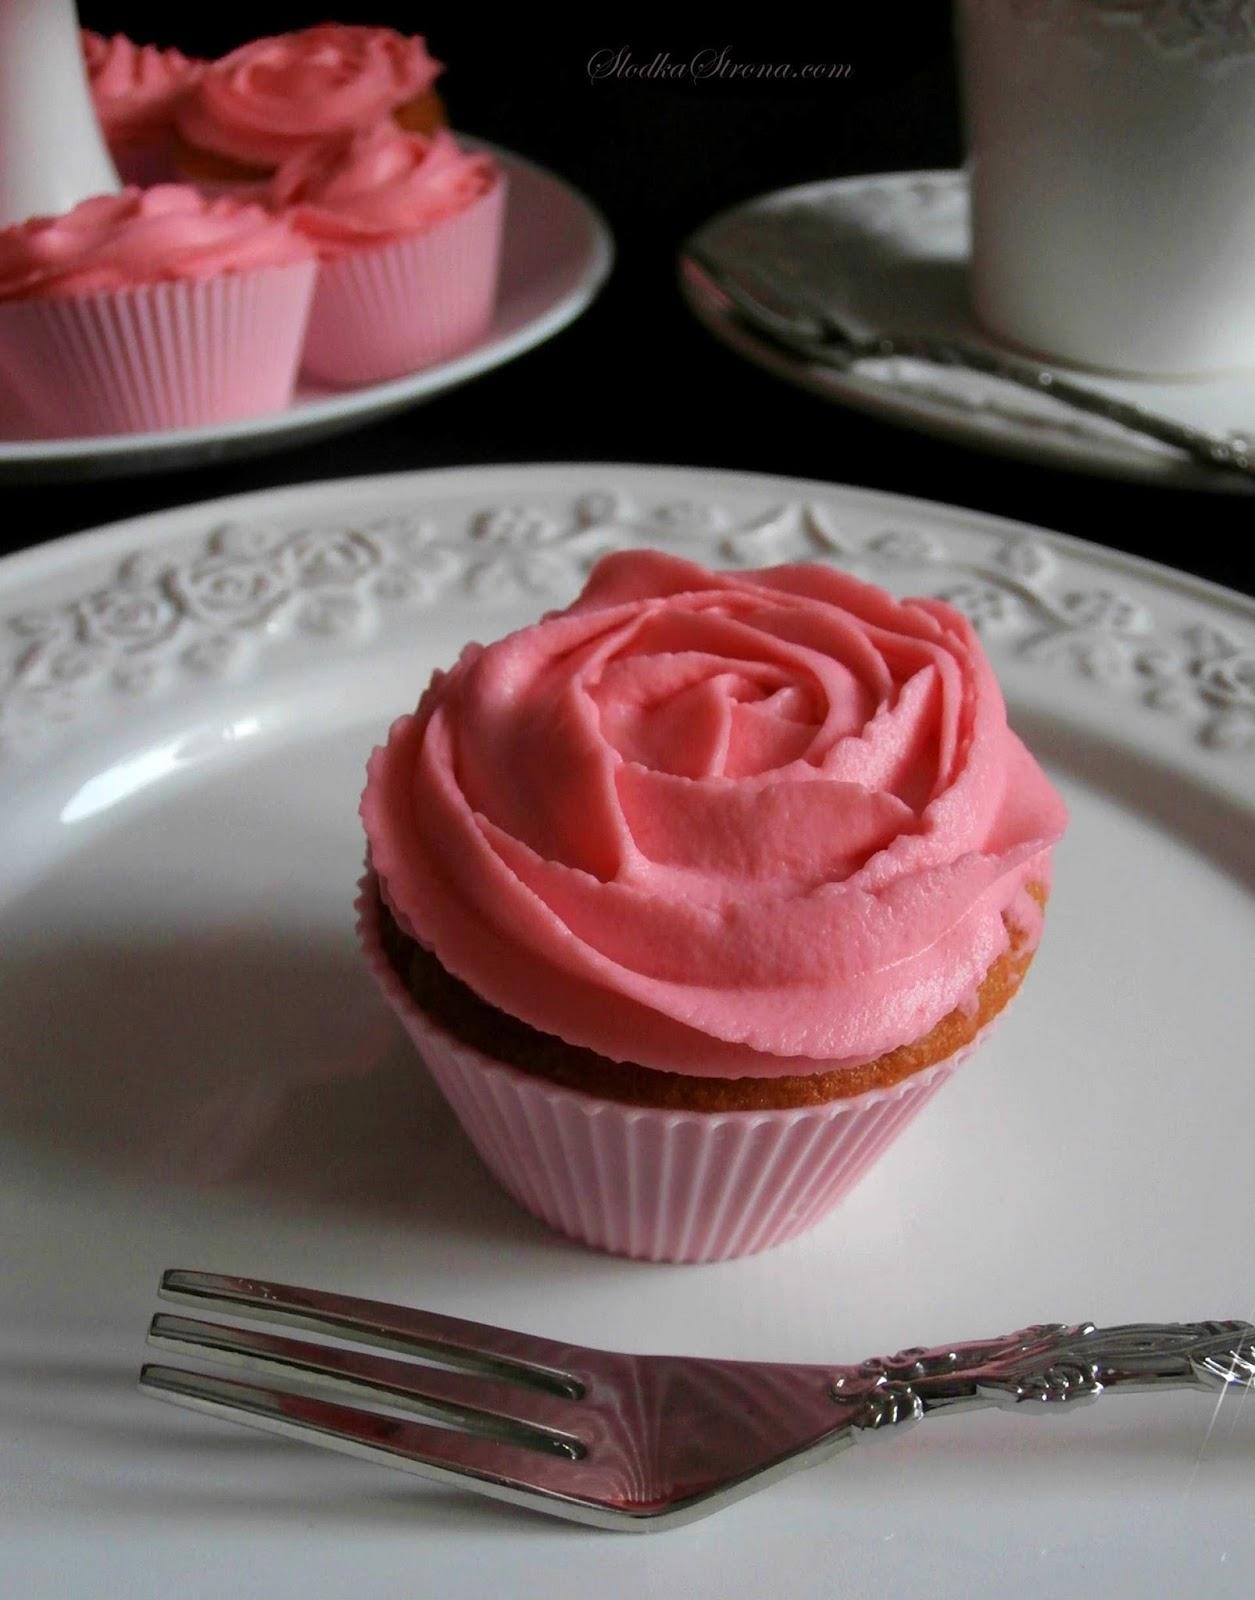 Babeczki - Różyczki z Aksamitnym, Delikatnym  Kremem z Mascarpone - Przepis - Słodka Strona